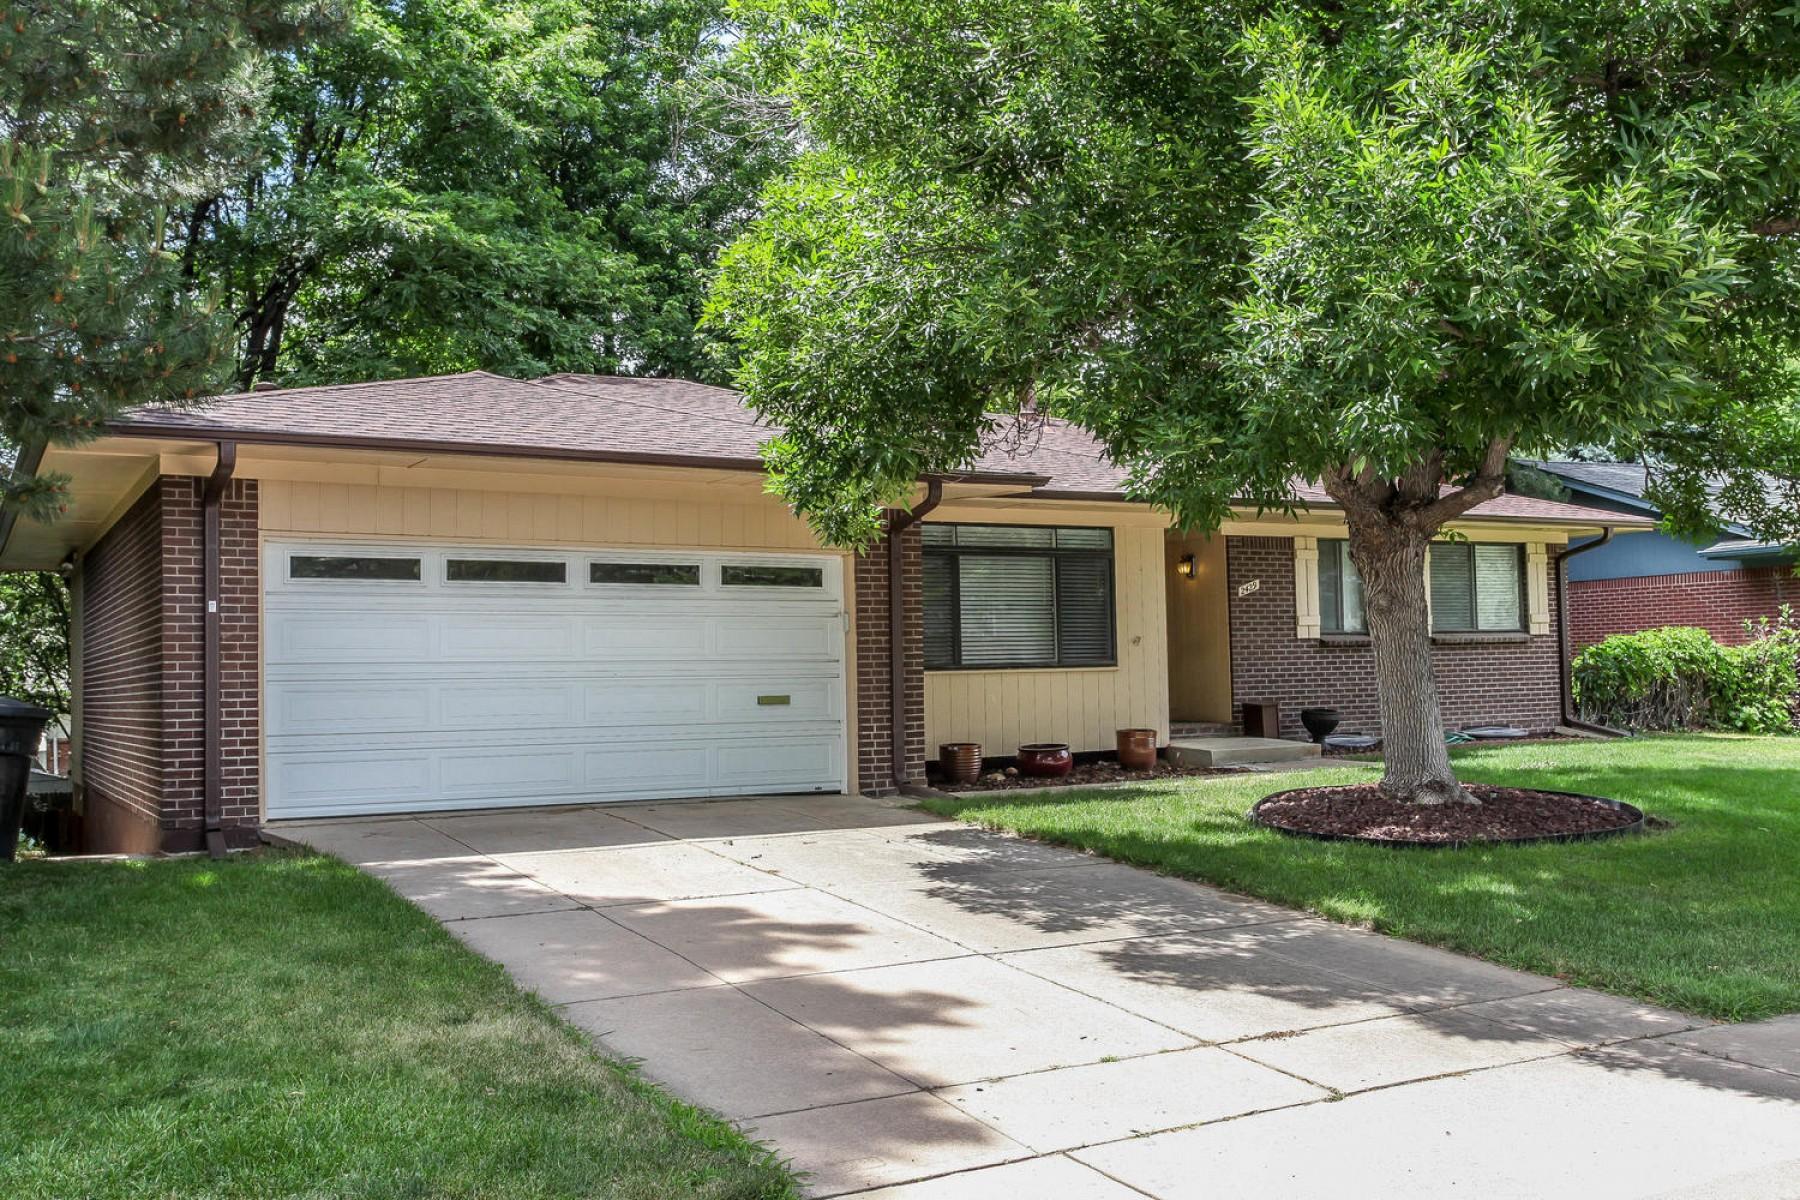 2429 S. Oneida Street, Denver, CO 80224